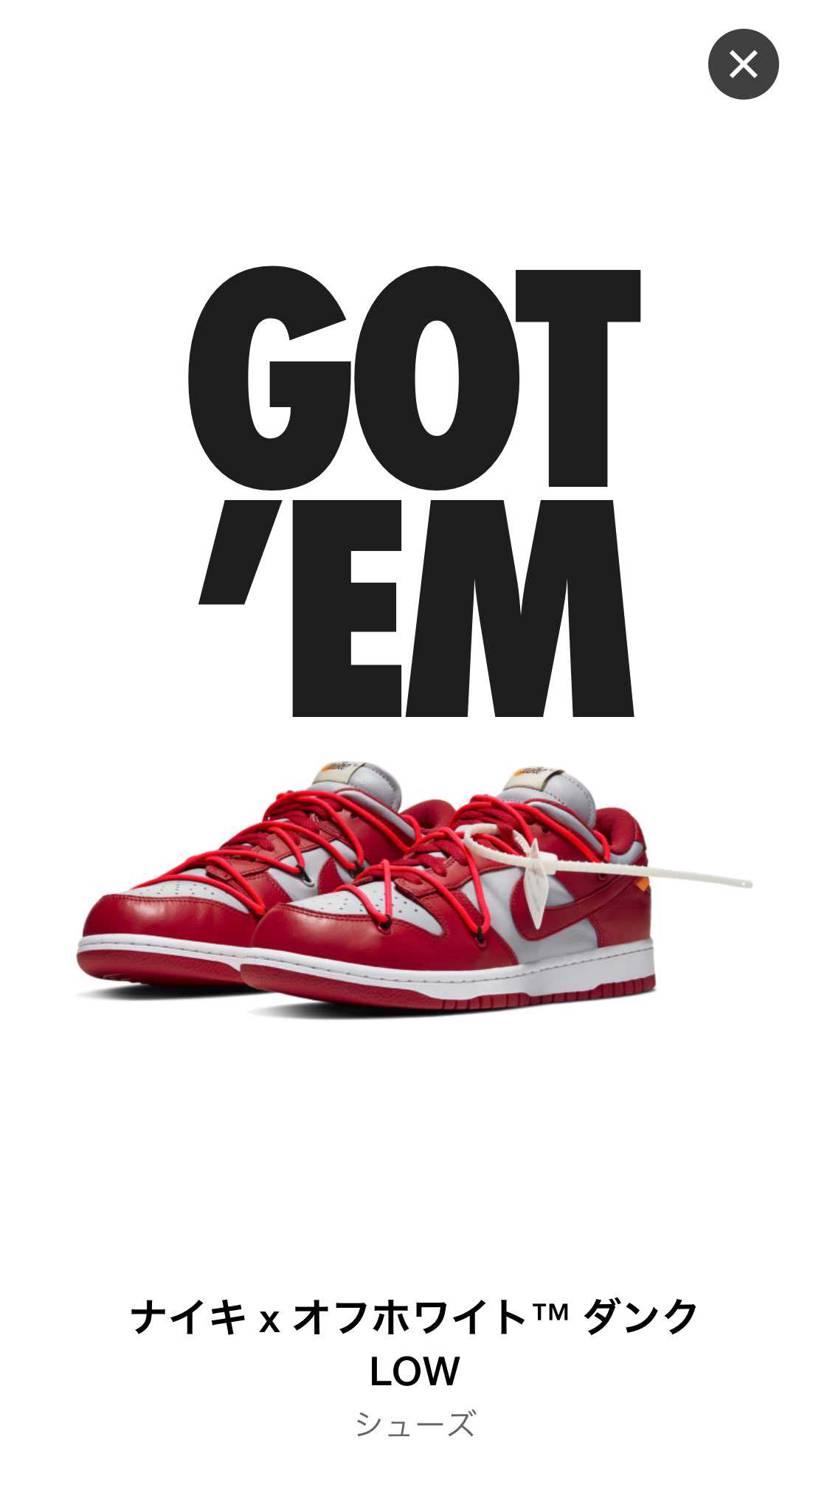 おっしゃー!!!sneakers初!当選!  マジかぁやっと当たった